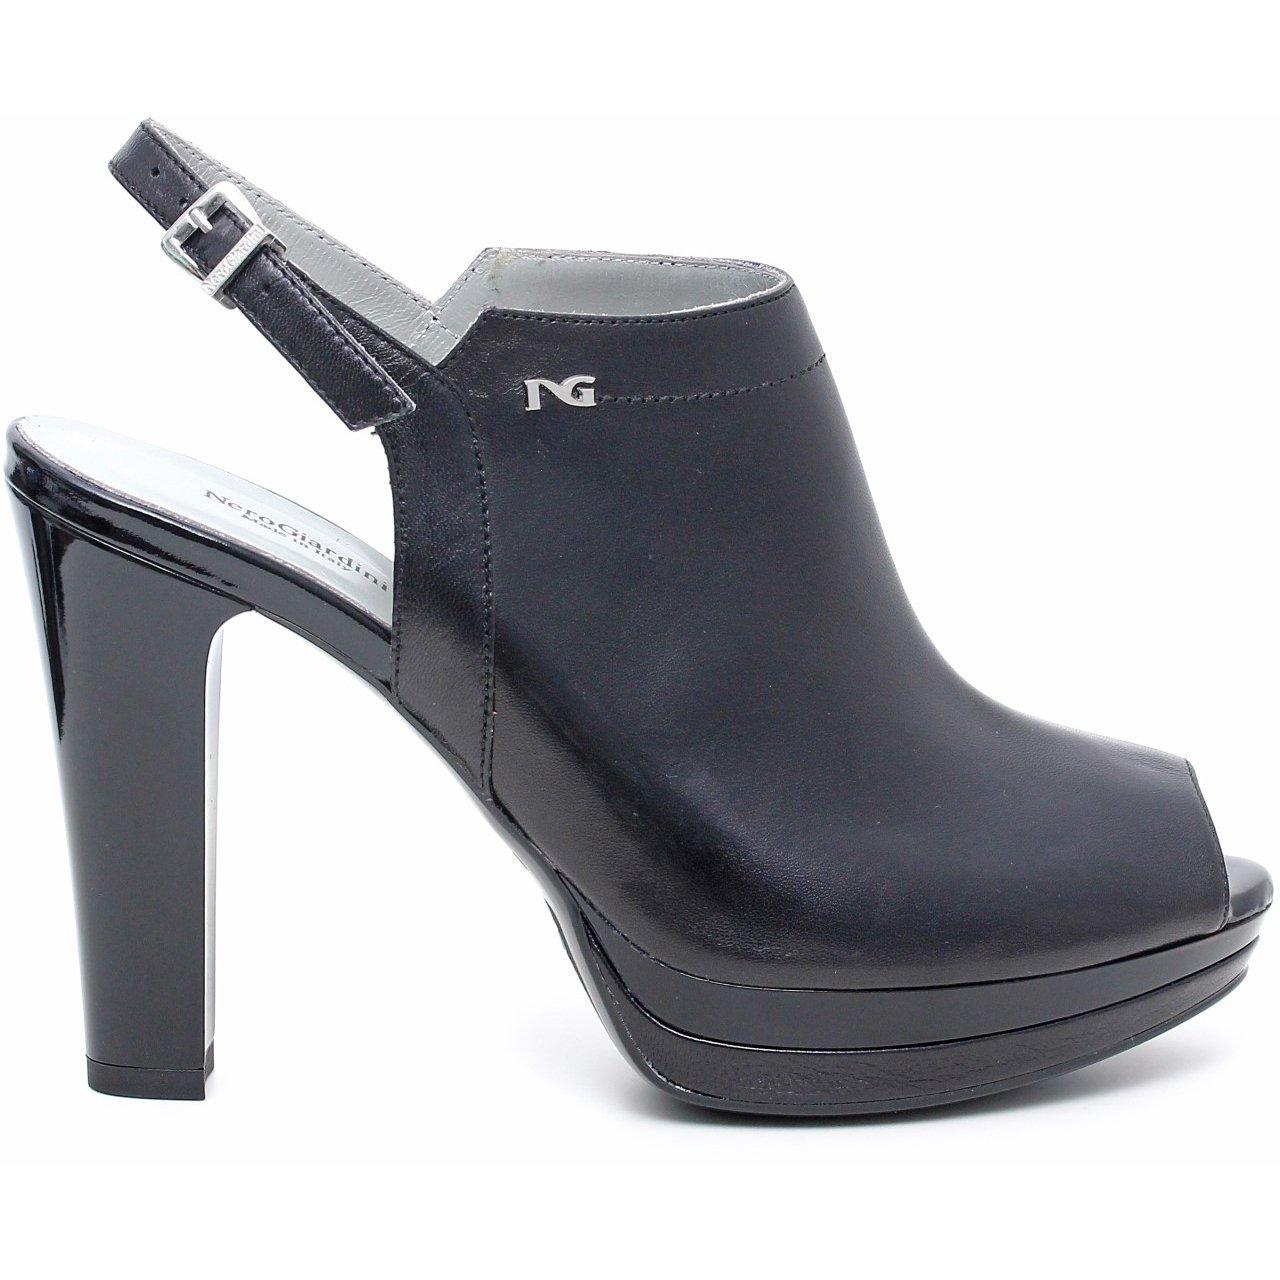 schwarz Giardini  Damen Pumps NAPPA schwarz schwarz schwarz fc74b7